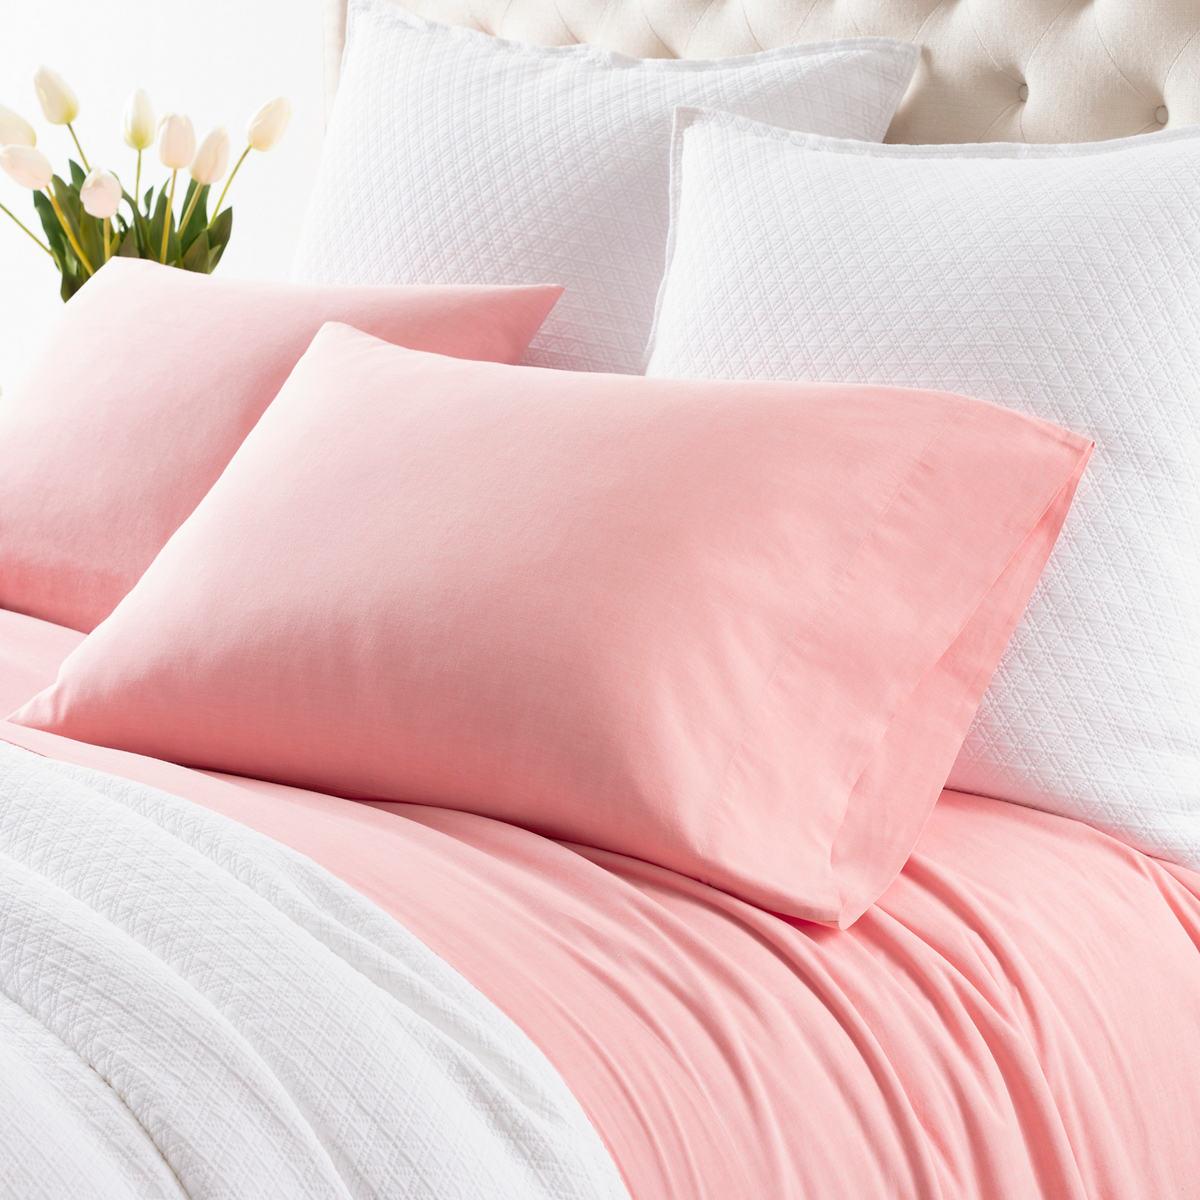 Comfy Cotton Coral Sheet Set